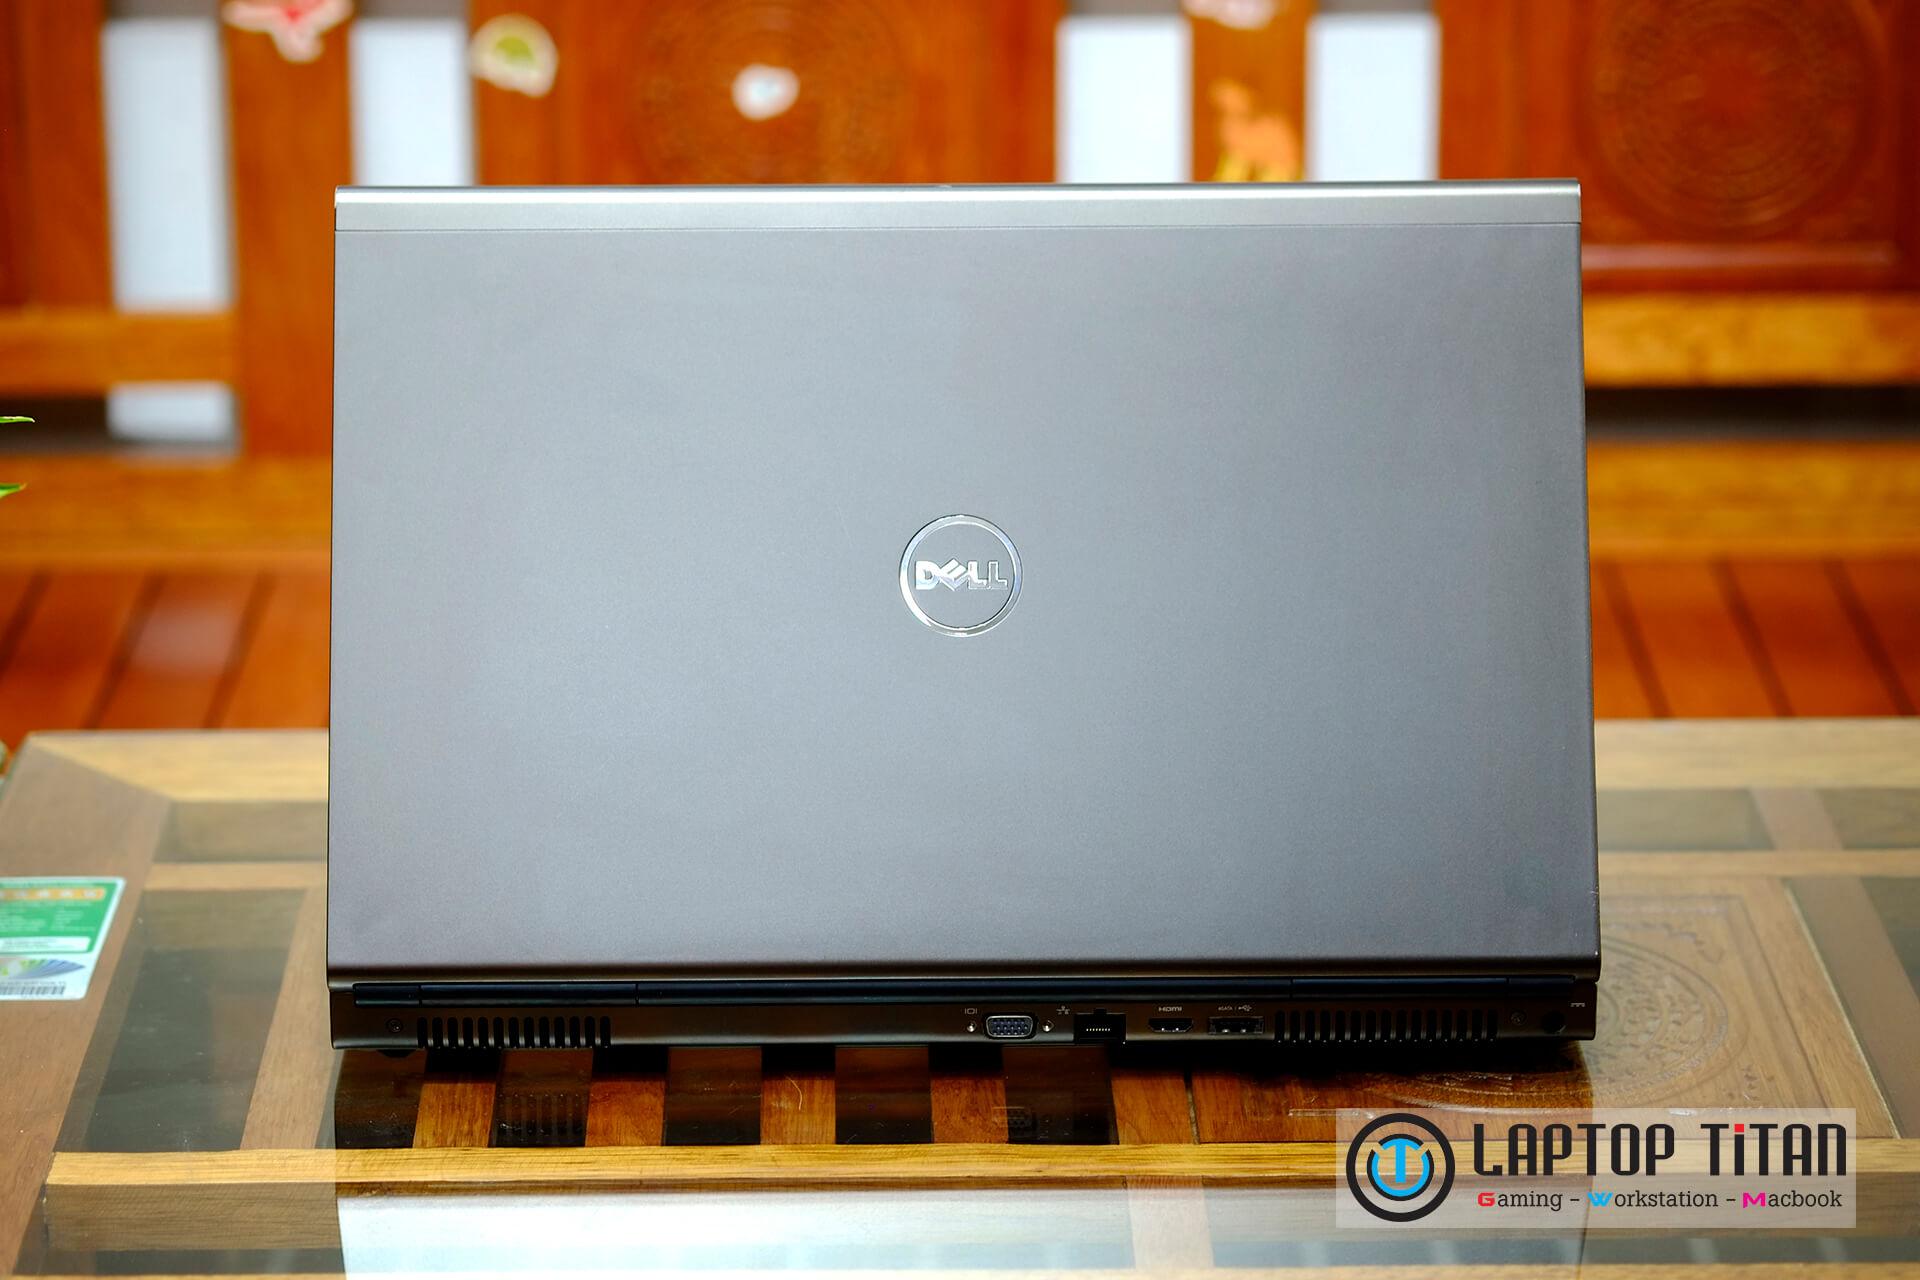 Dell Precision M6800 Core i7 4810MQ / 16GB / 256GB / AMD Firepro M6100 / 17.3″ FHD